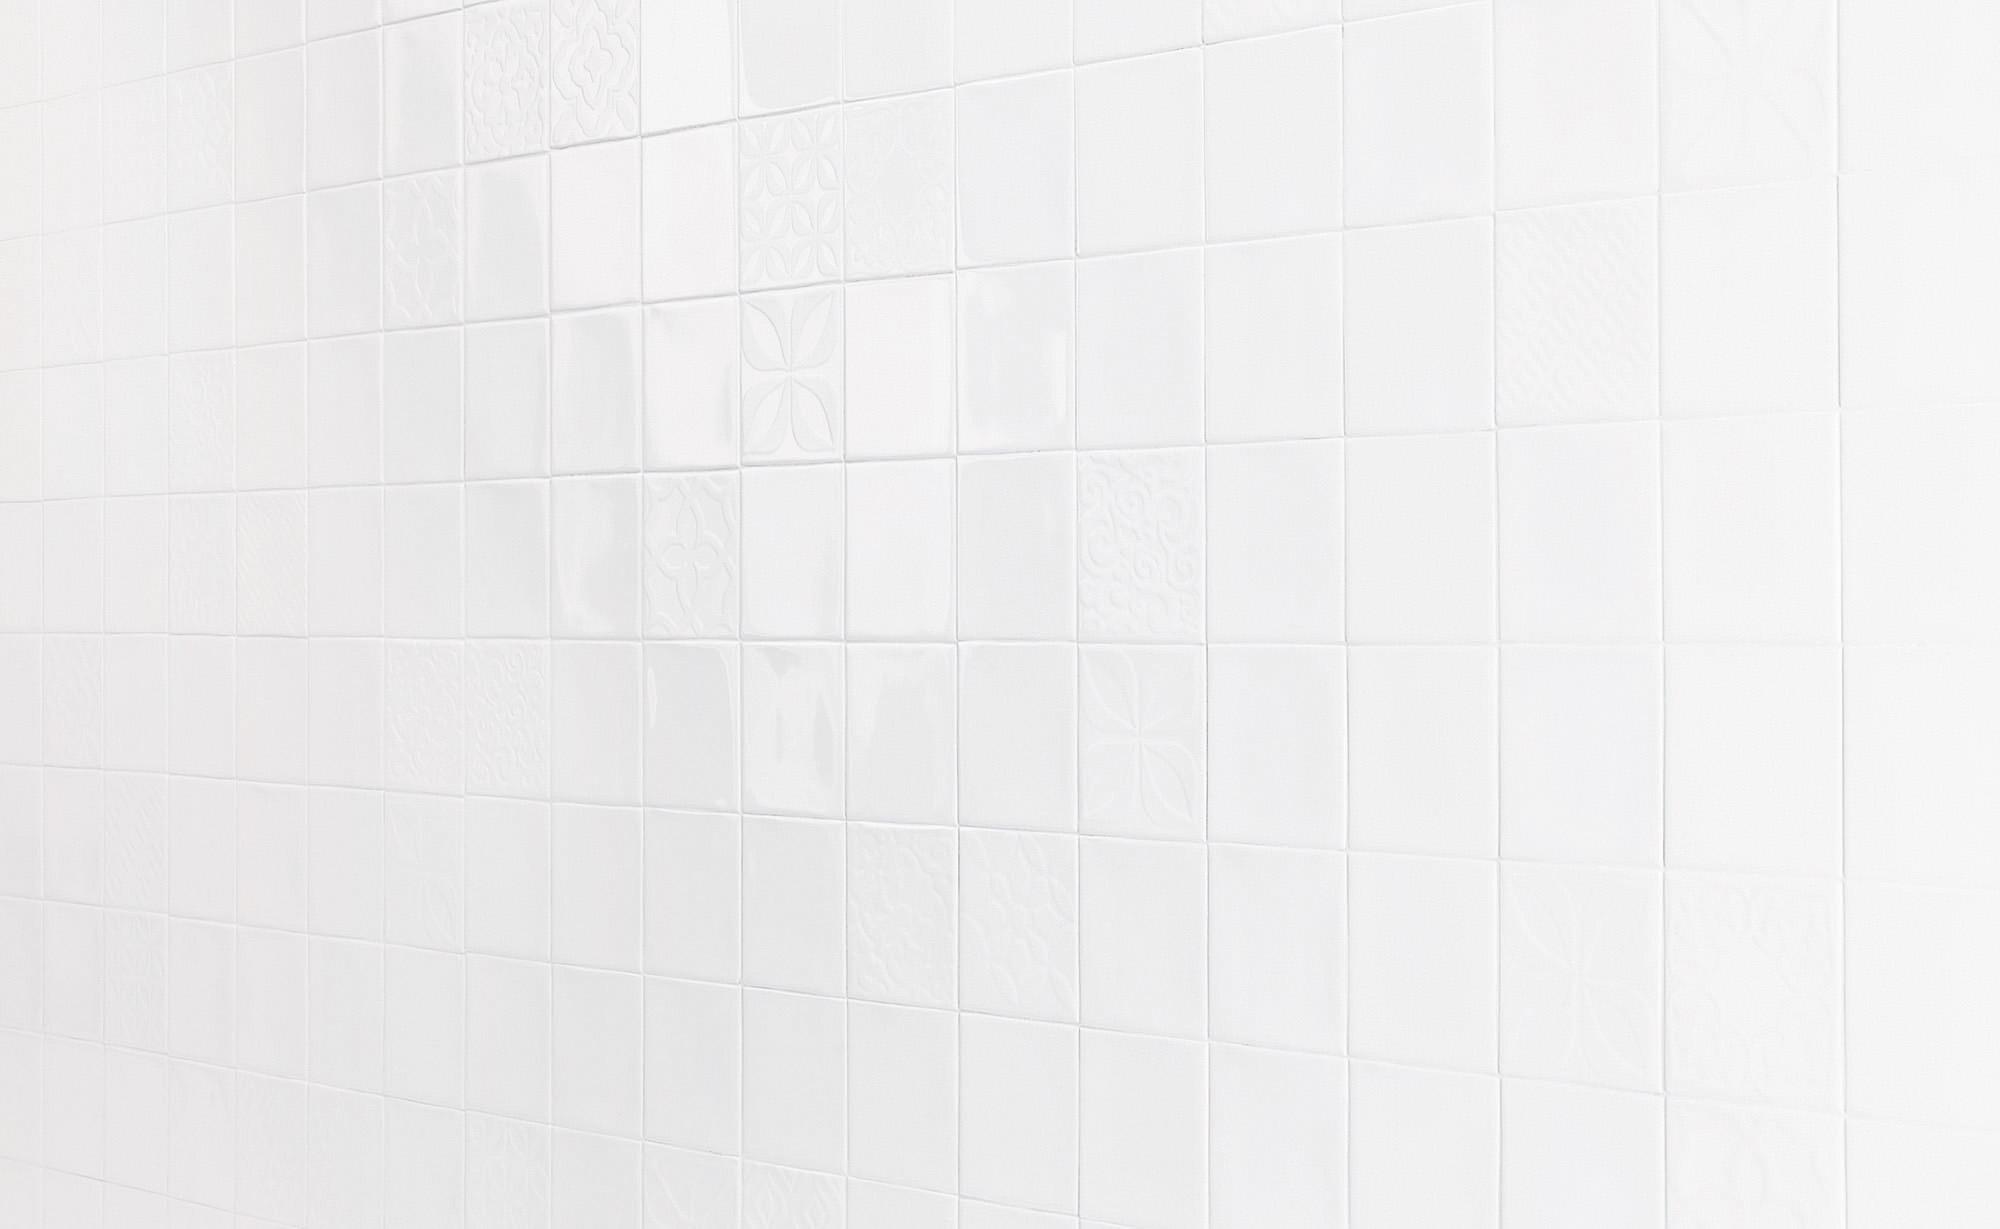 Perspectiva_M0300 Decor Glam Branco